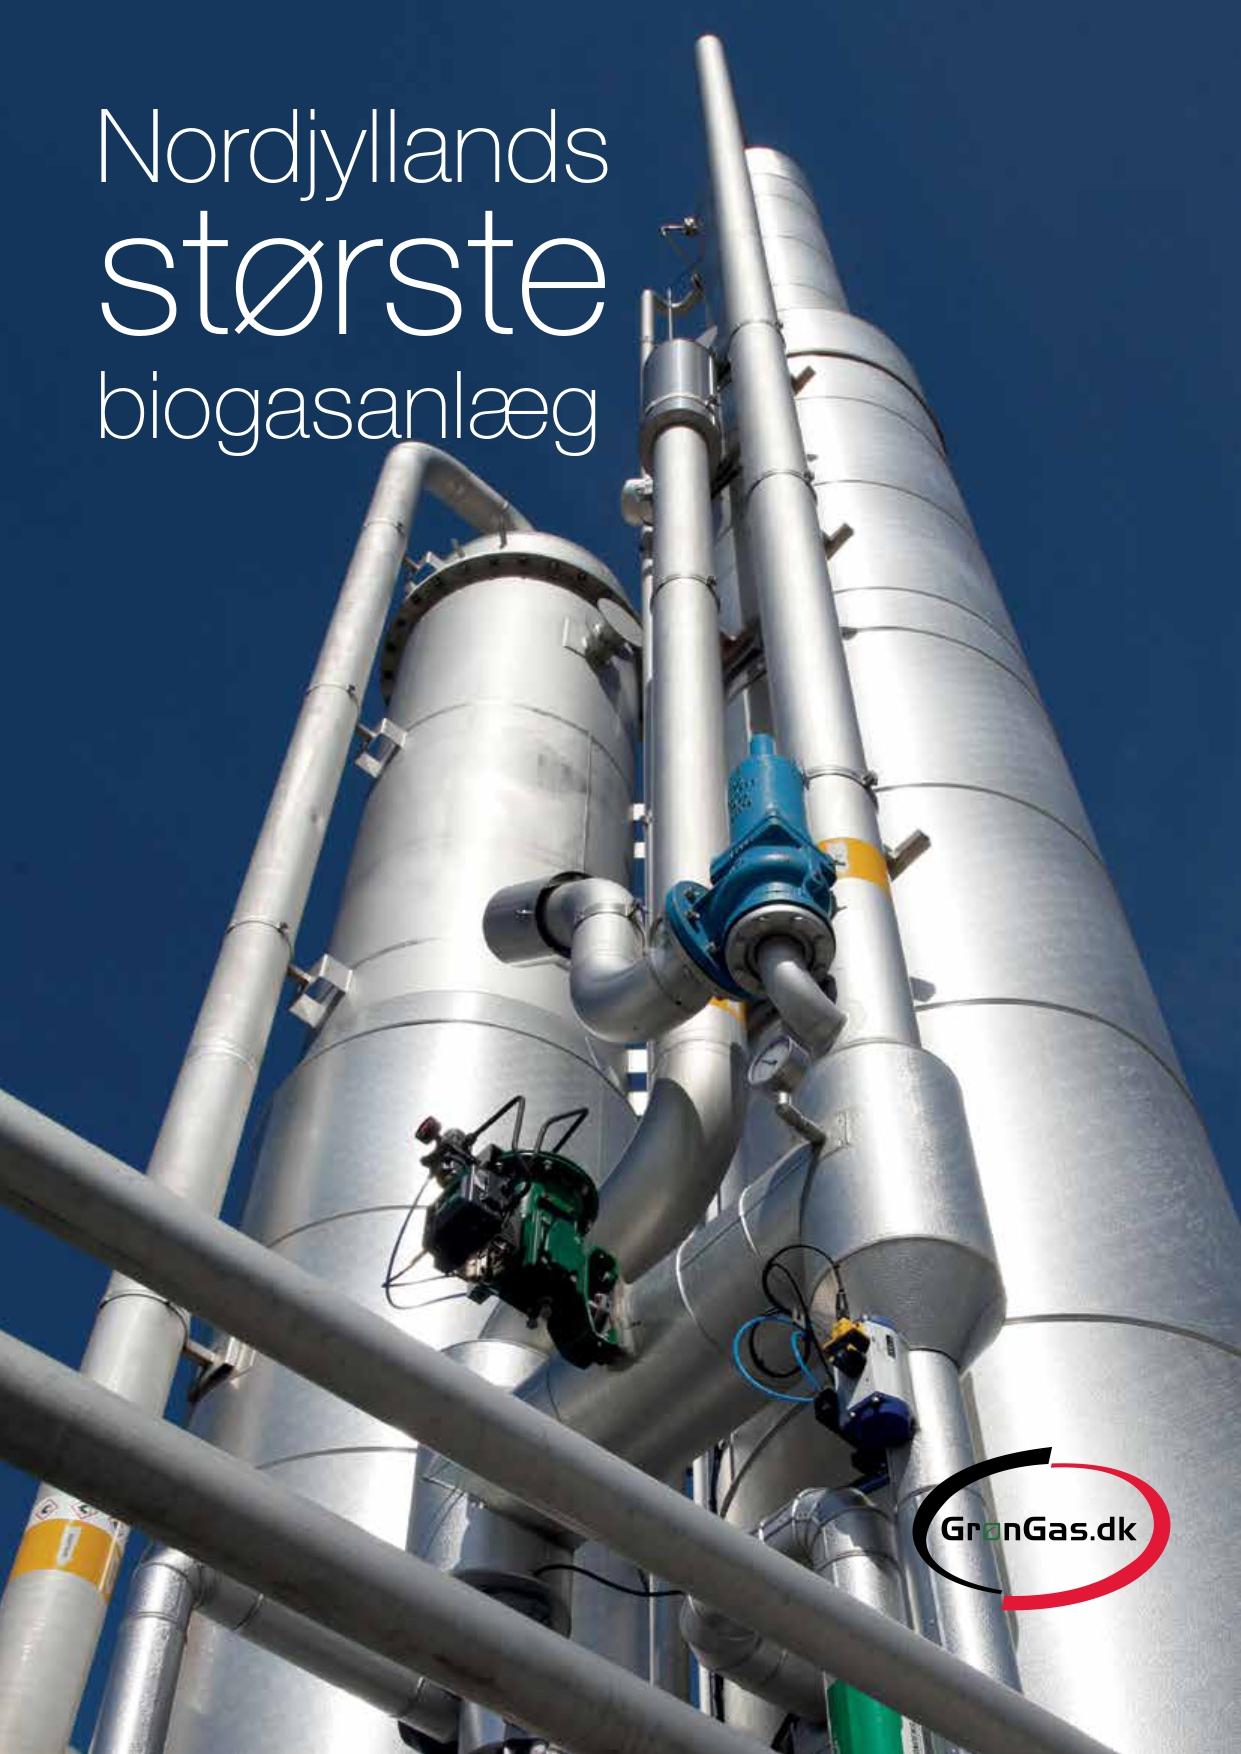 Nordjyllands største biogassanlæg